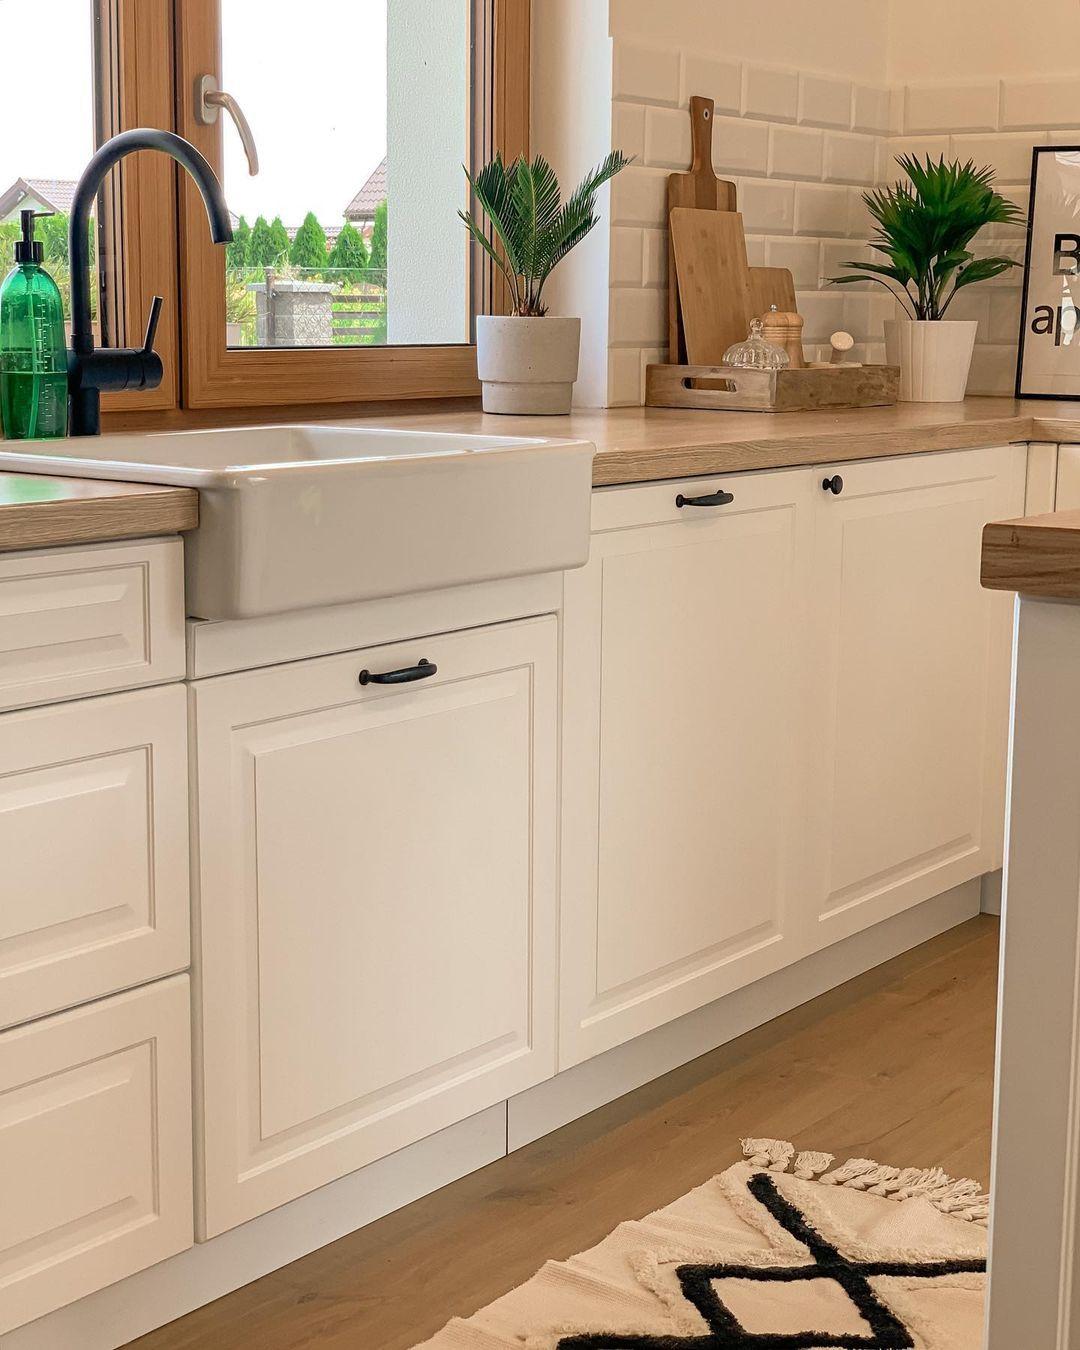 Magdalena On Instagram Ostatnia Godzinka By Wziac Udzial W Fotowyzwaniu Temat Kuchnia Serce Domu Czekam Do 1 In 2021 Kitchen Design Kitchen Kitchen Cabinets